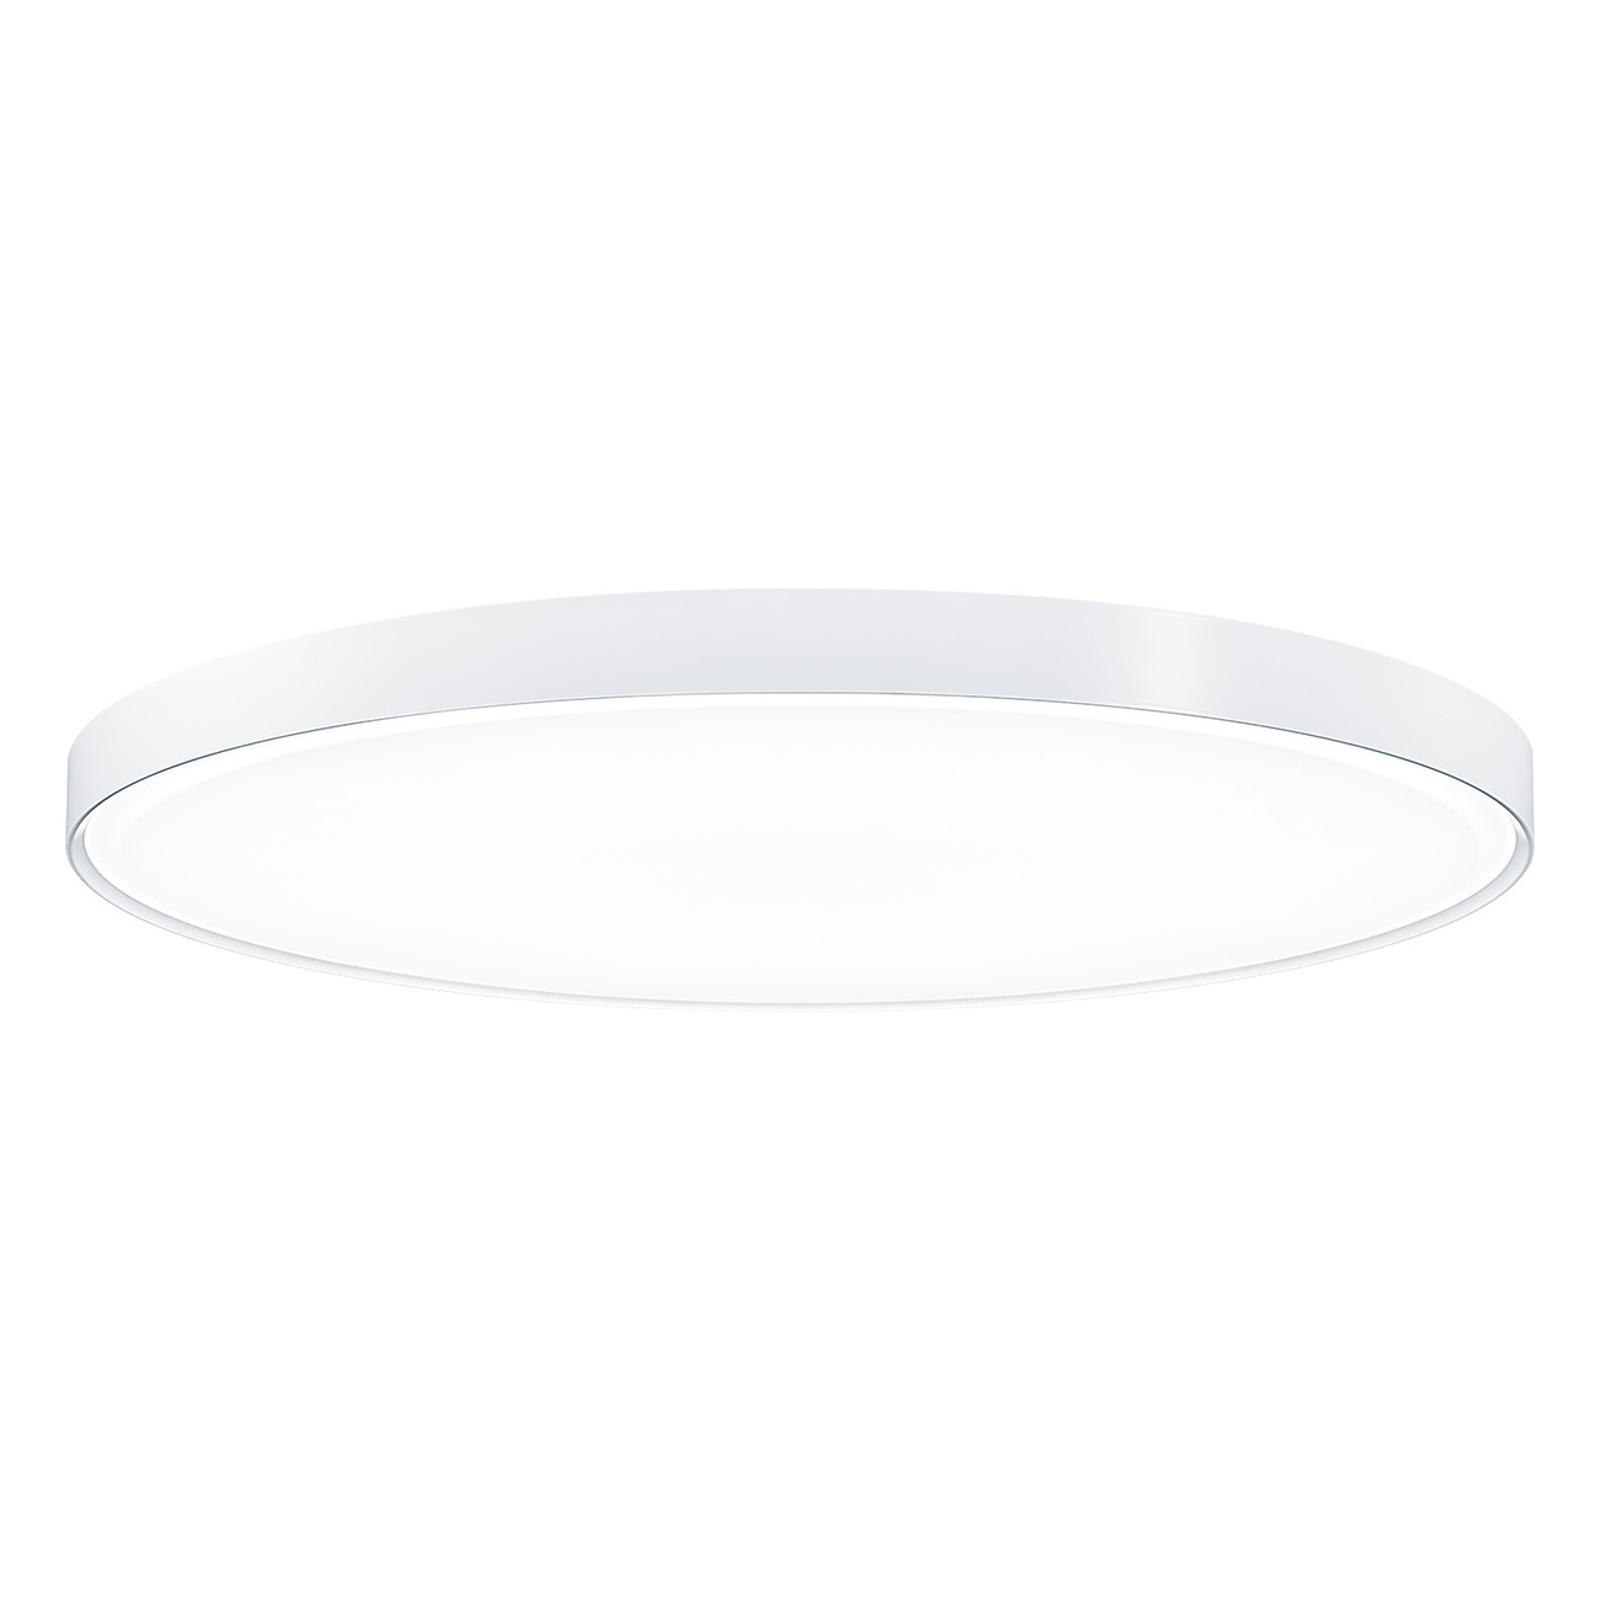 Zumtobel Ondaria LED-Deckenleuchte Ø 115cm, 4.000K